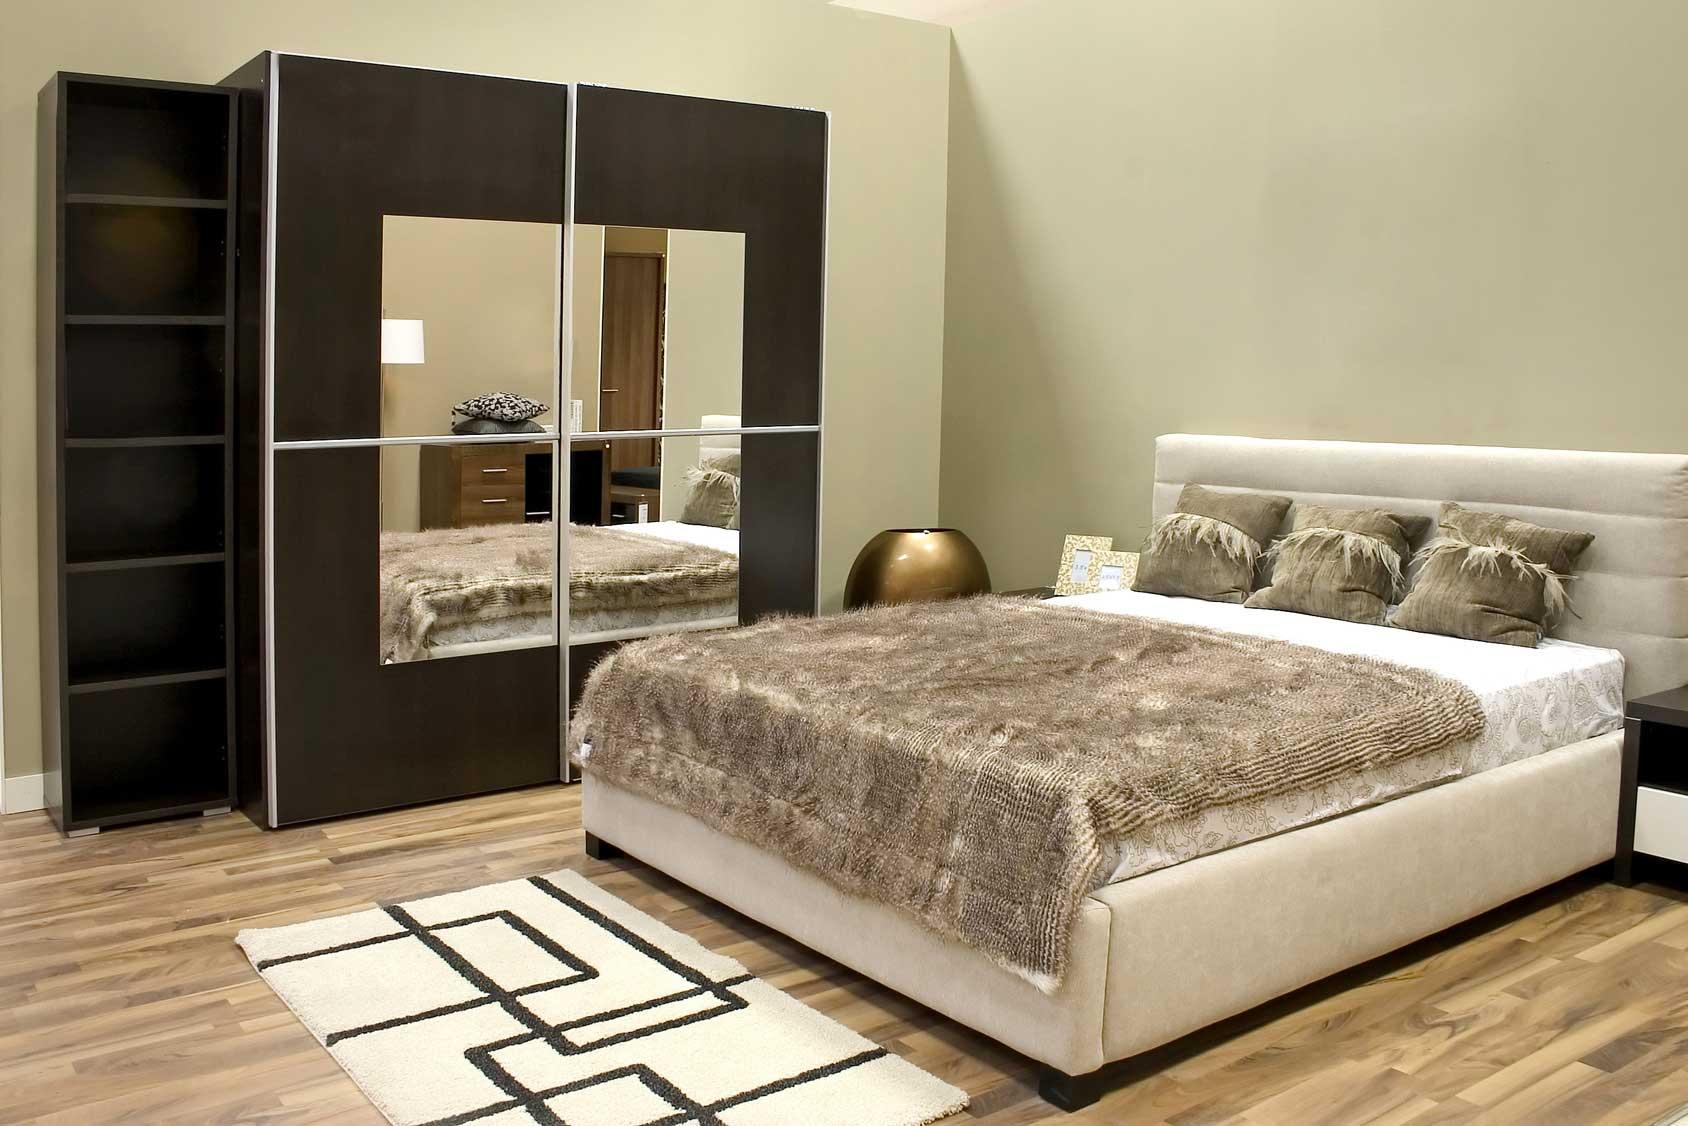 шкафы купе фото дизайн в спальню рекомендации по выбору